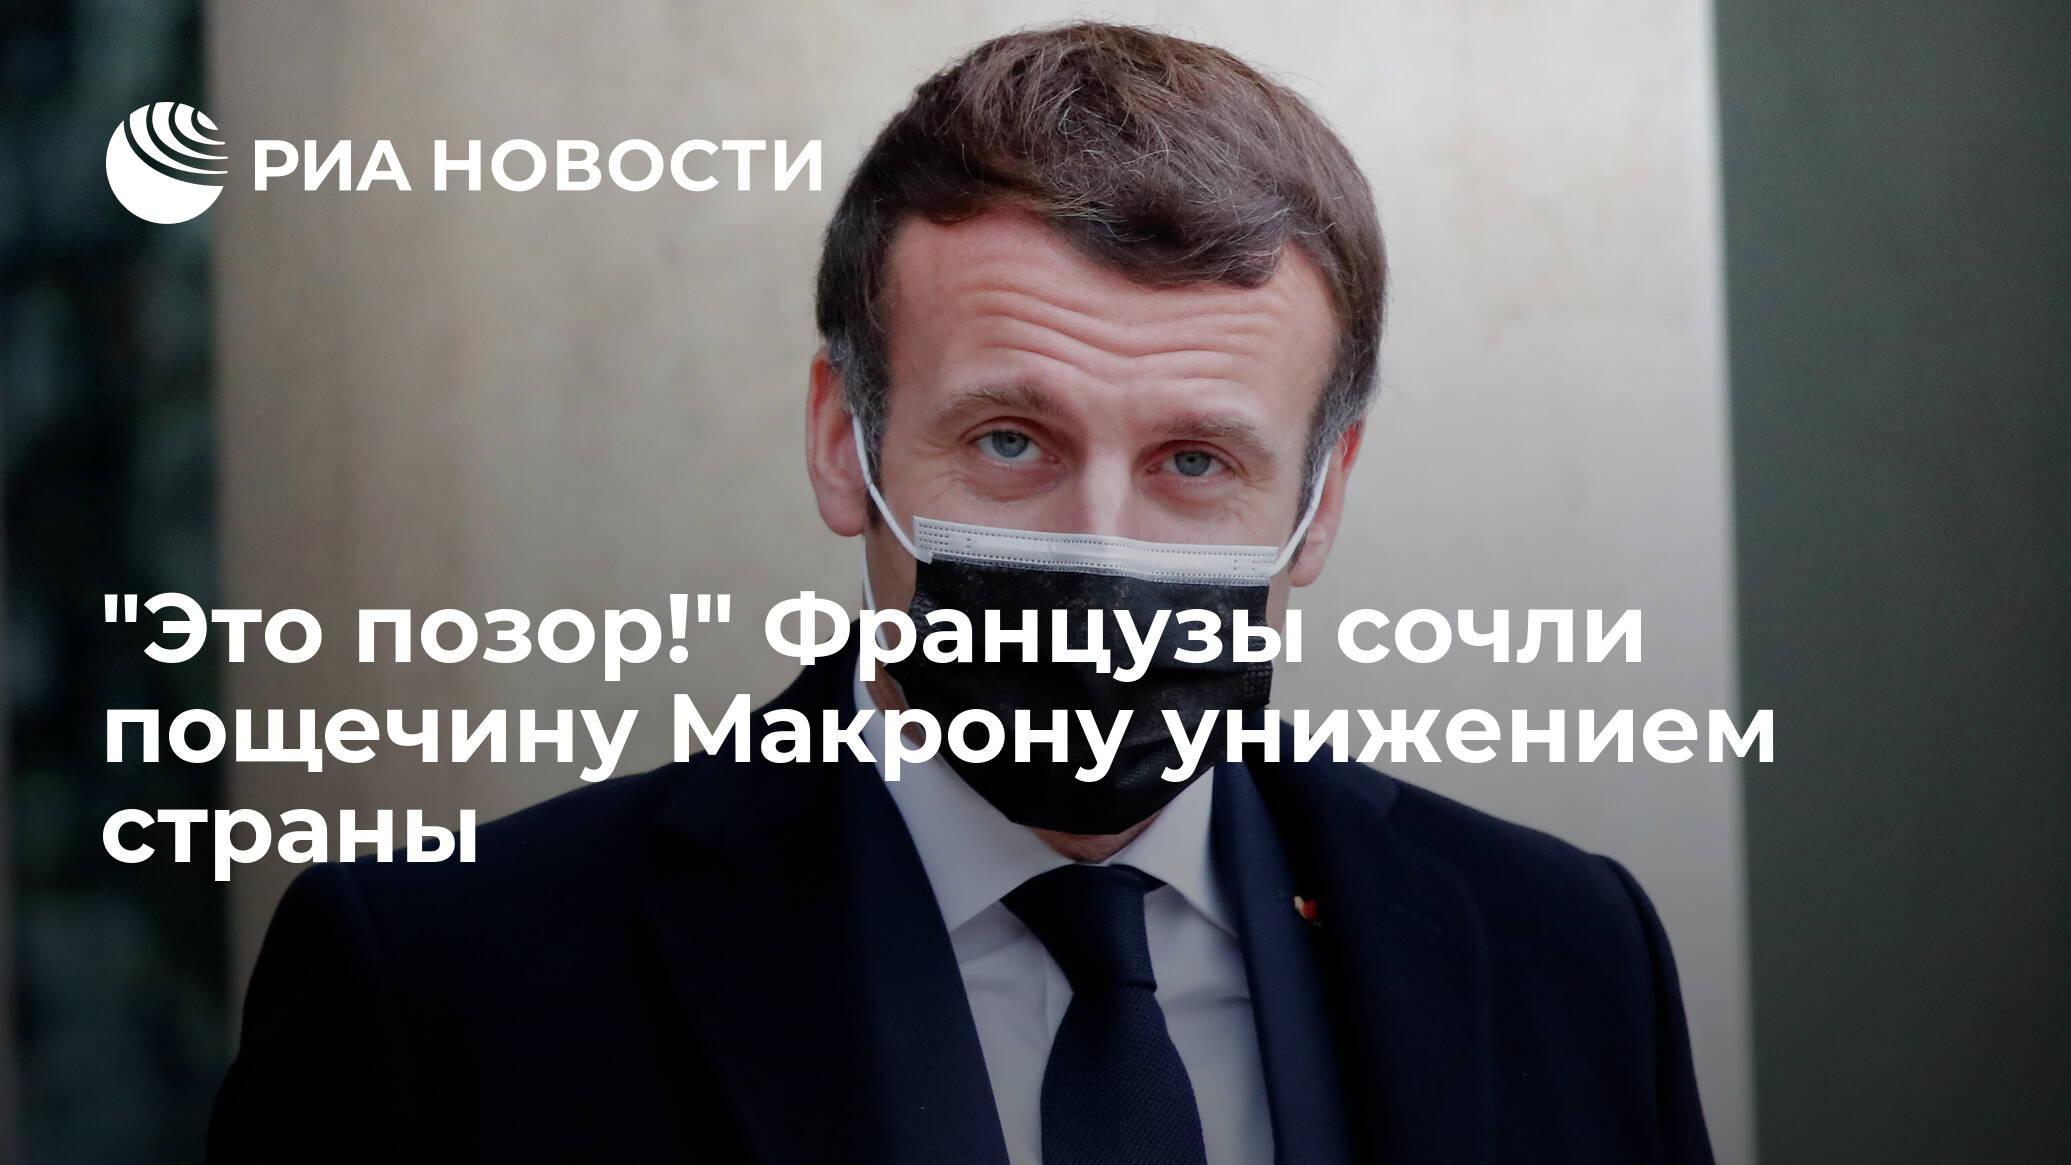 """""""Это позор!"""" Французы сочли пощечину Макрону унижением страны"""